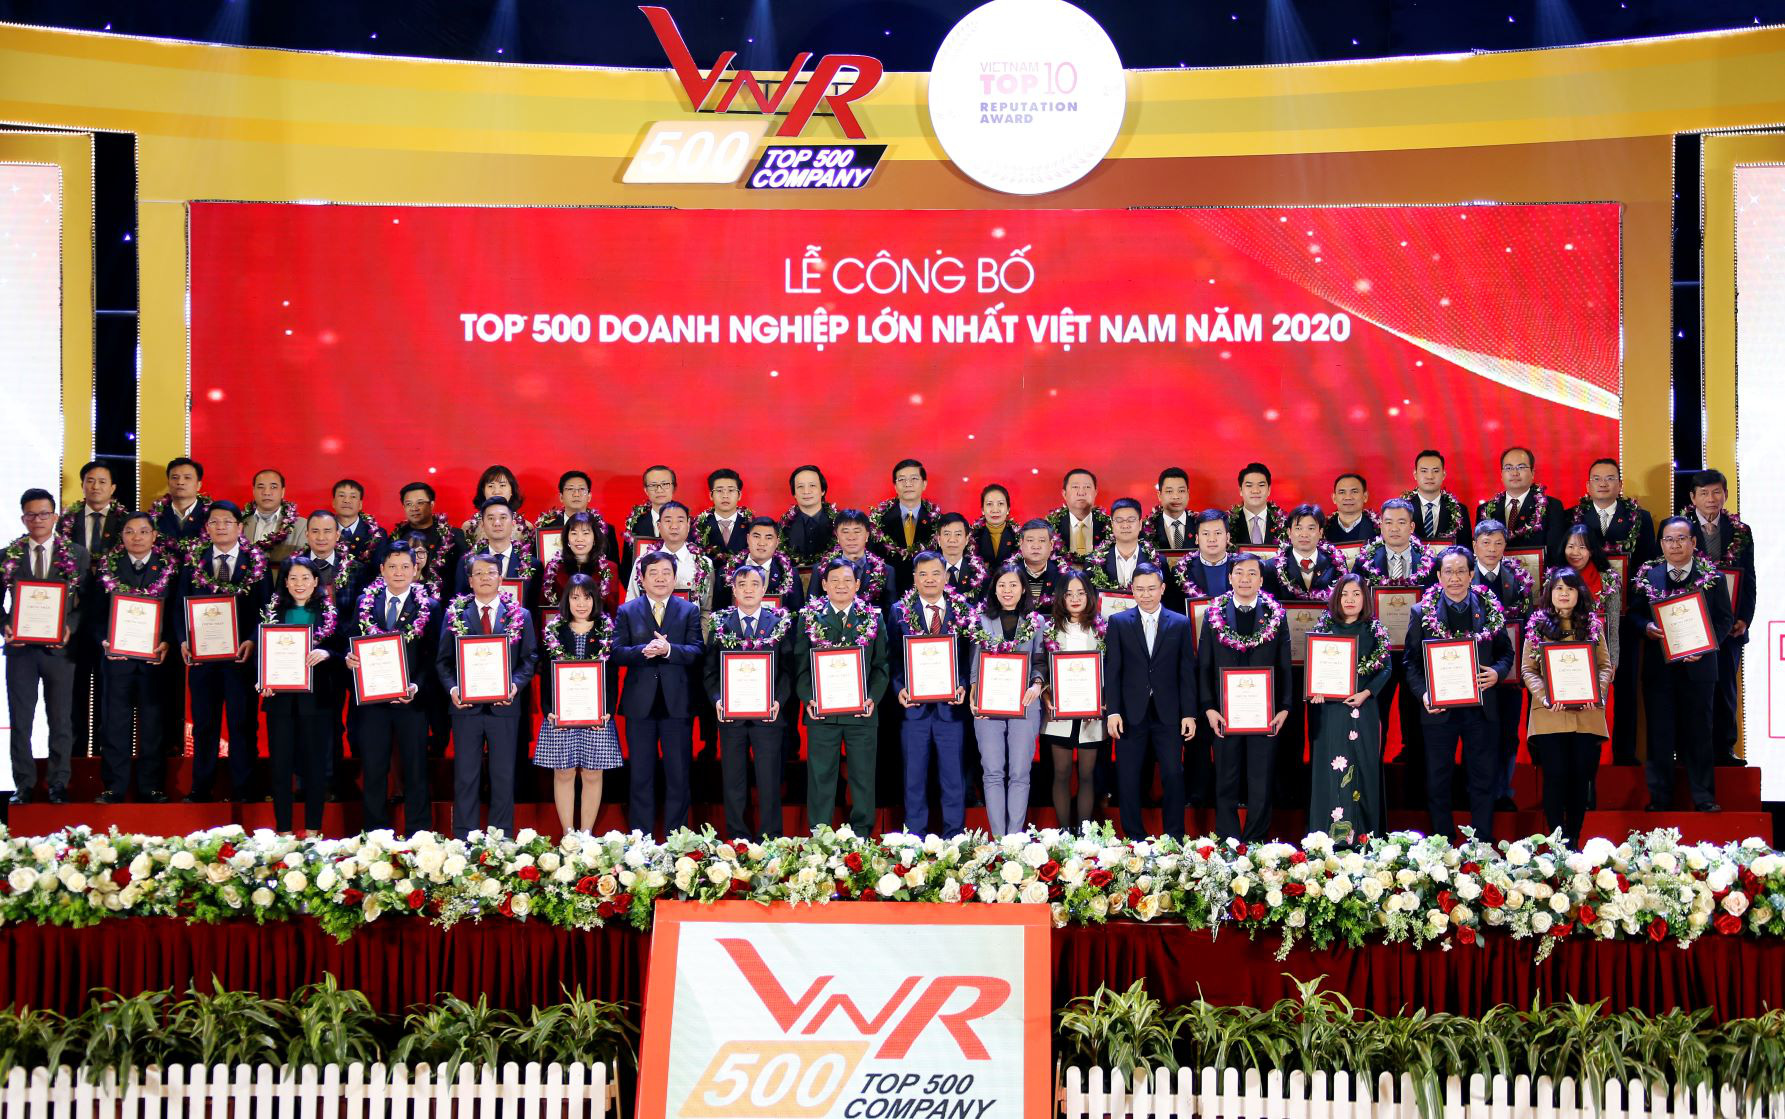 Tập đoàn Đất Xanh tiếp tục được vinh danh Top 10 doanh nghiệp BĐS tư nhân lớn nhất Việt Nam năm 2020 - Ảnh 1.